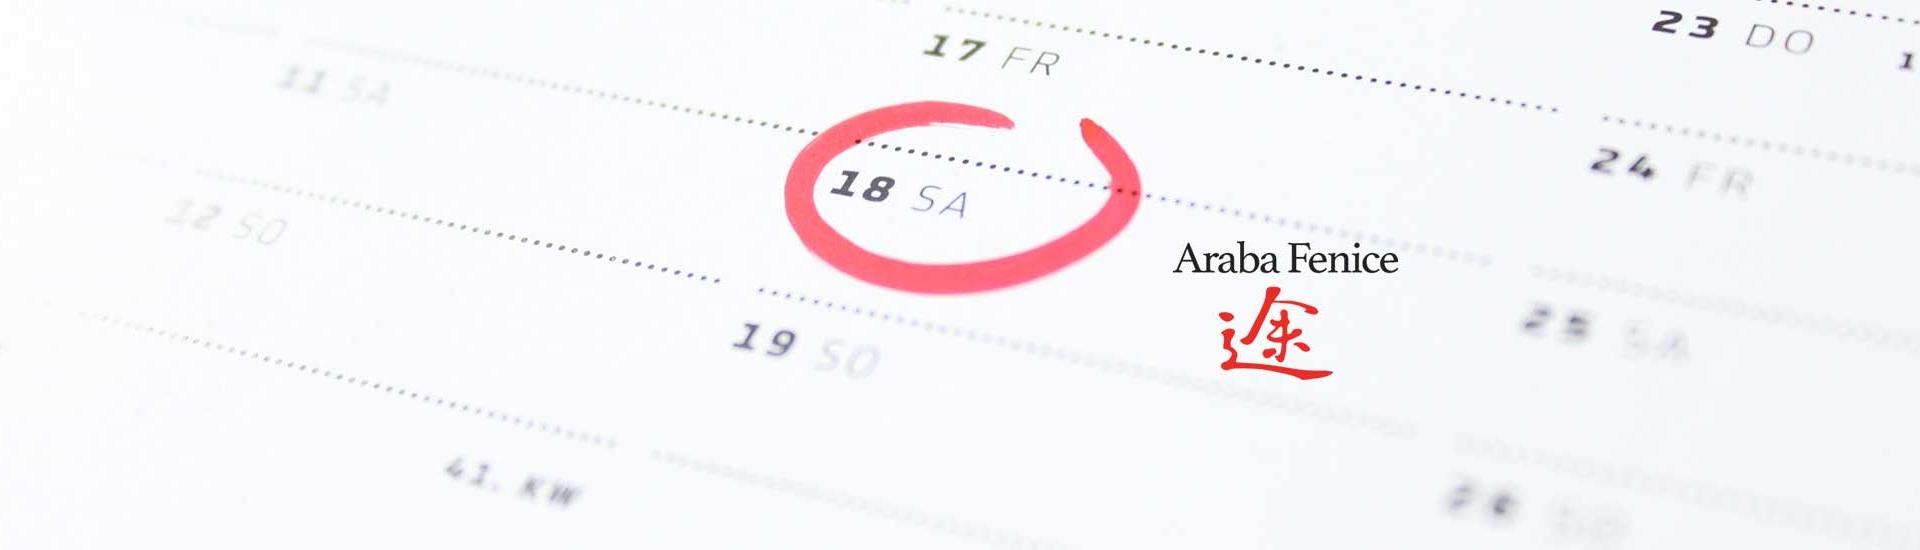 Iscriviti ai prossimi eventi di Araba Fenice e sfrutta le promozioni pensate per te